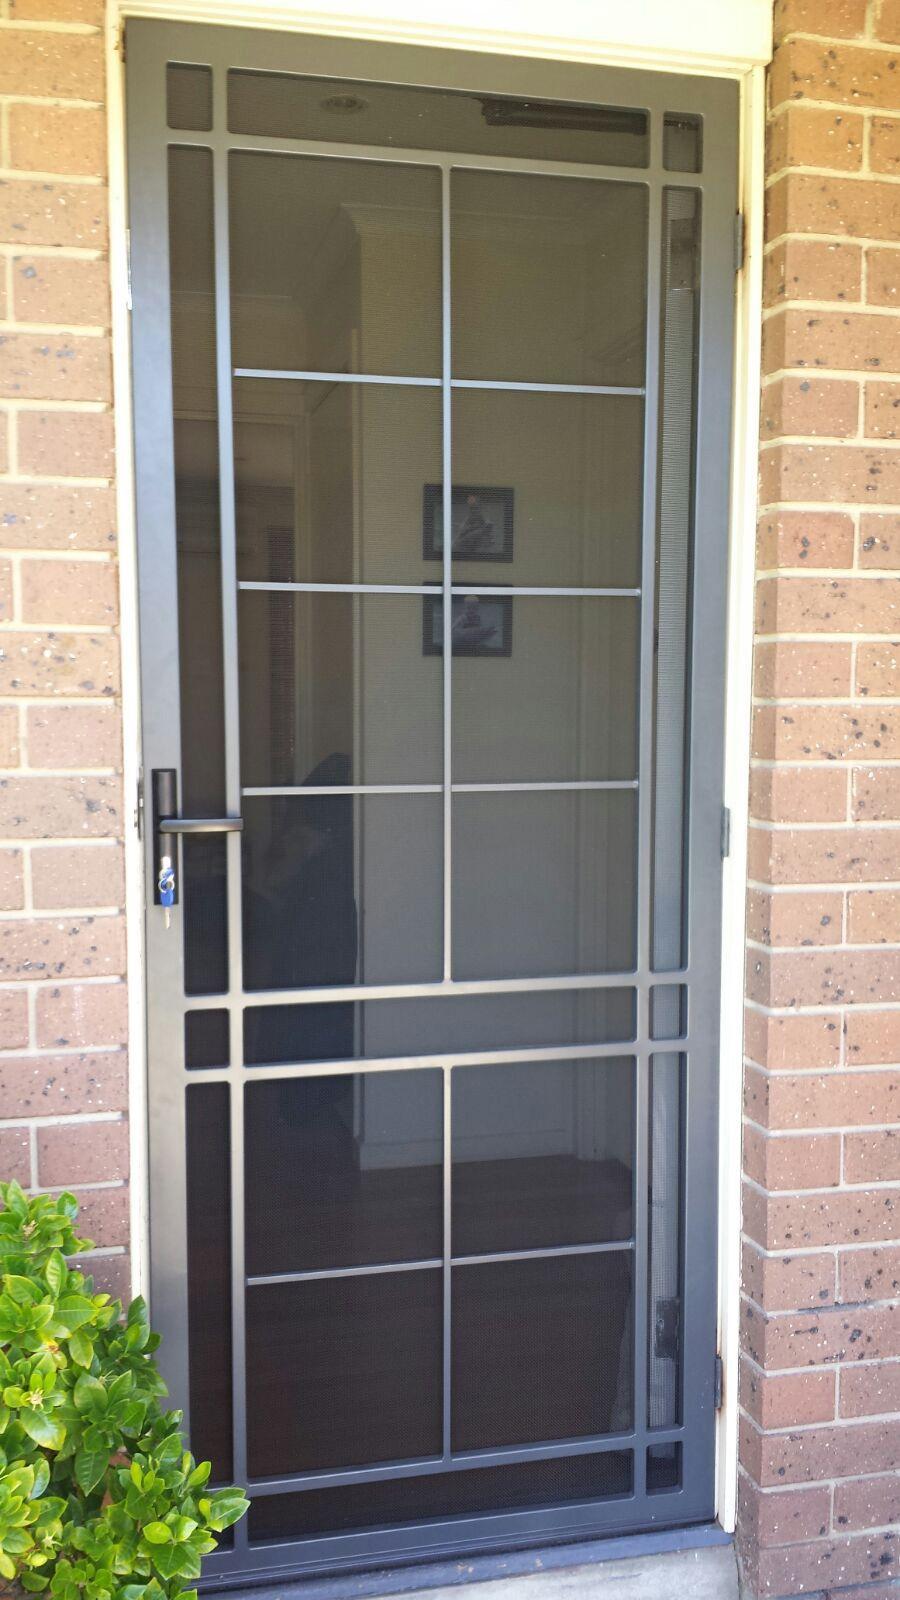 Steel Security Door With Stainless Steel Mesh Installed In